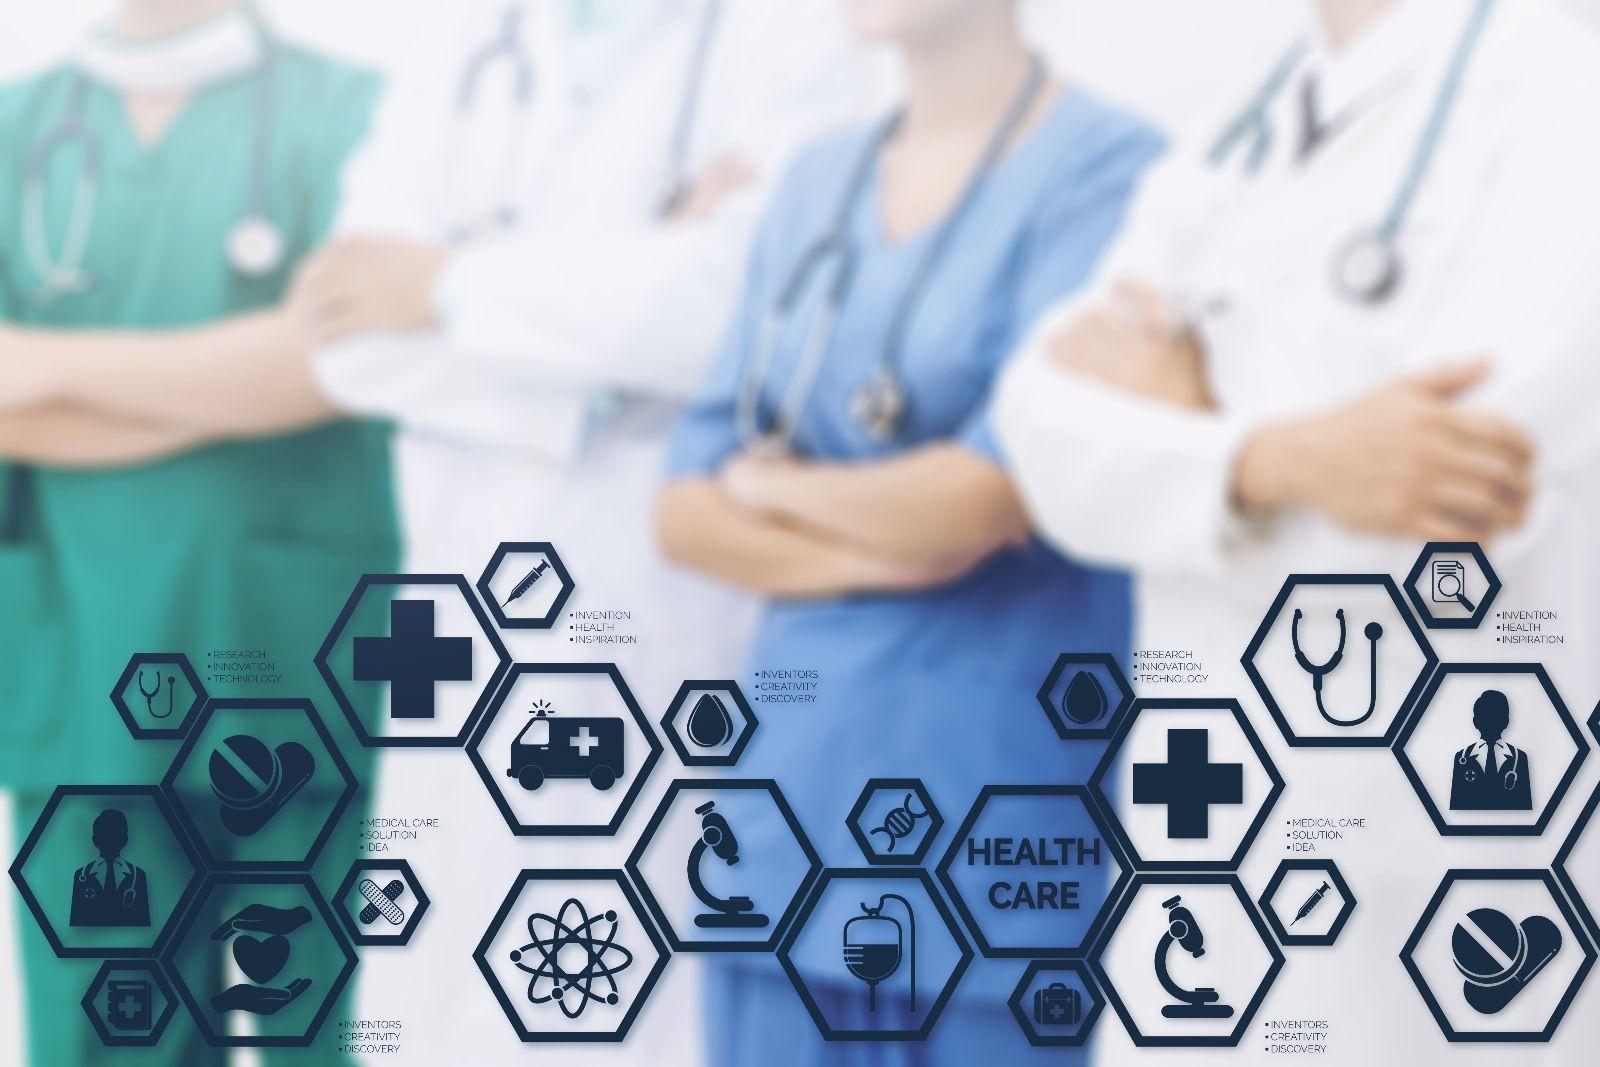 Médicos y personal de salud con iconos de temas de salud